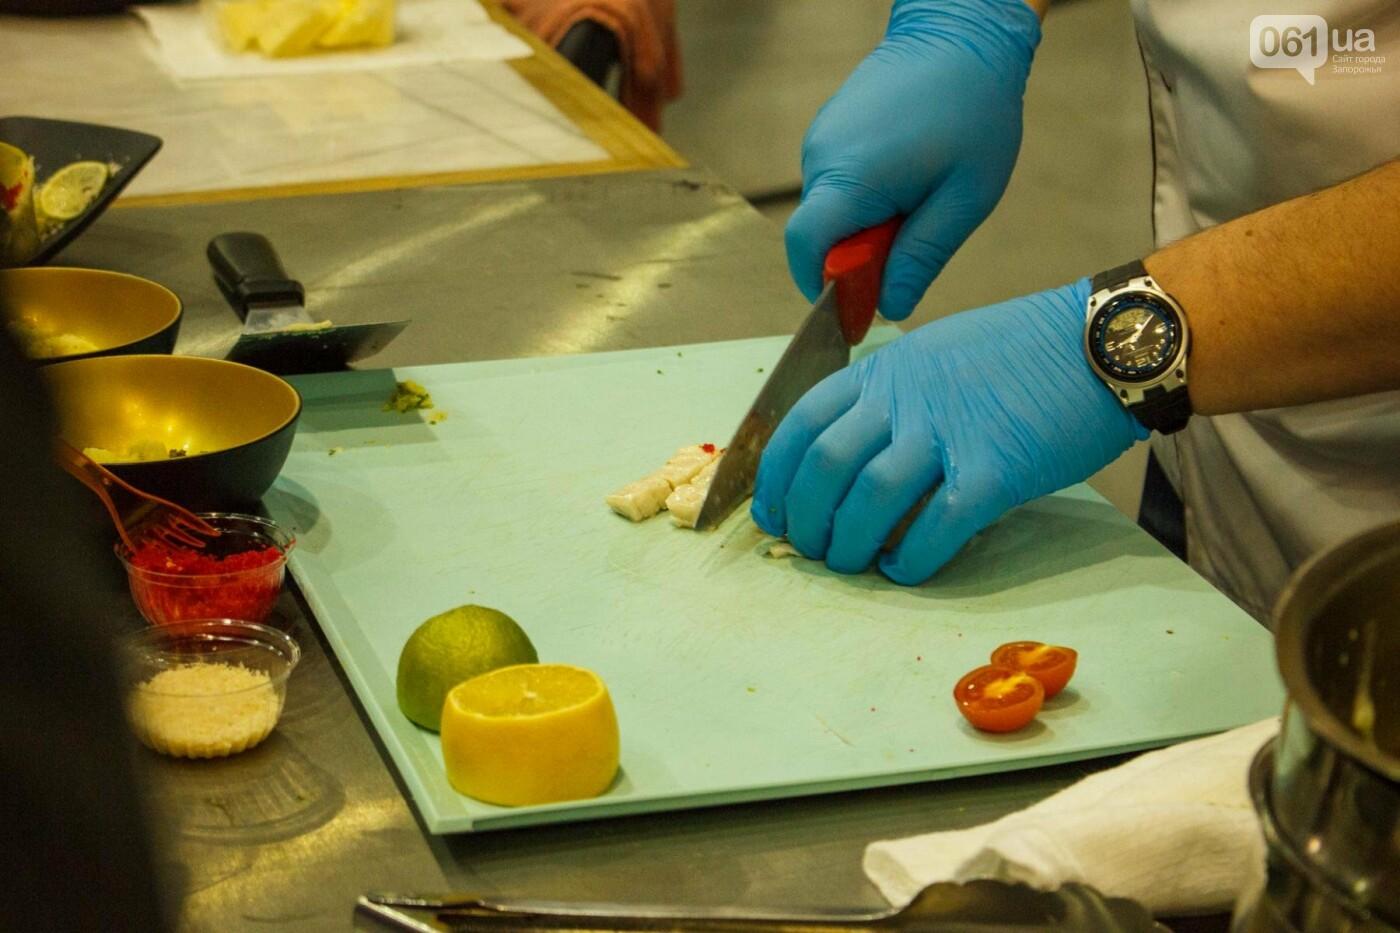 Шеф-повара запорожских ресторанов провели мастер-класс для горожан: как это было, - ФОТОРЕПОРТАЖ, фото-32